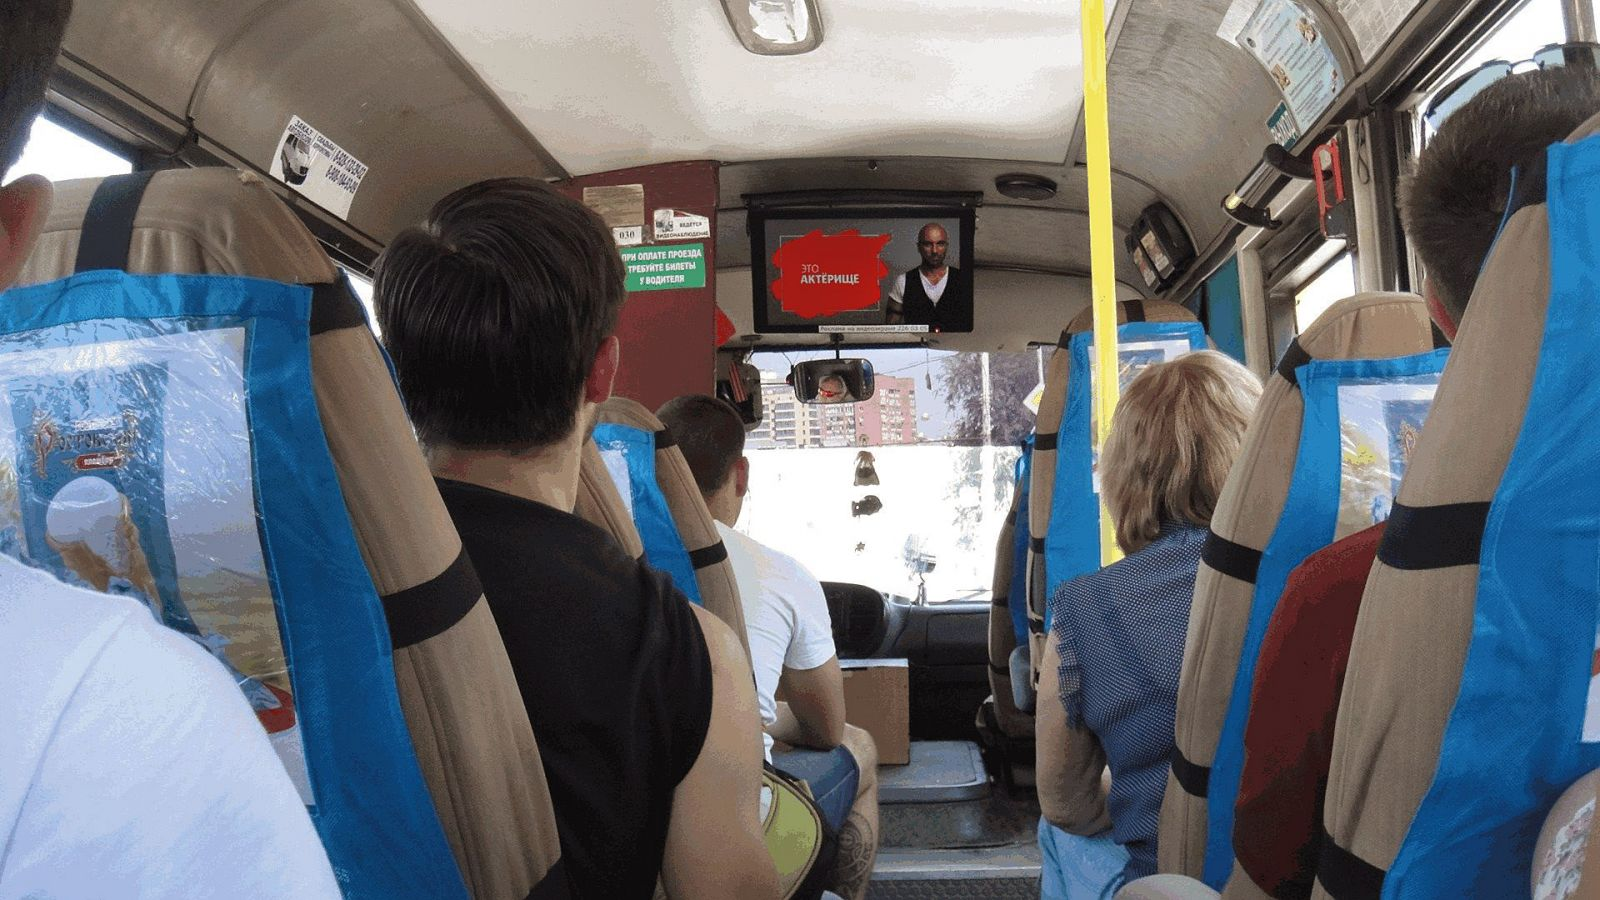 Скандал с российским фильмом в автобусе: Кива предложил работу уволенном...